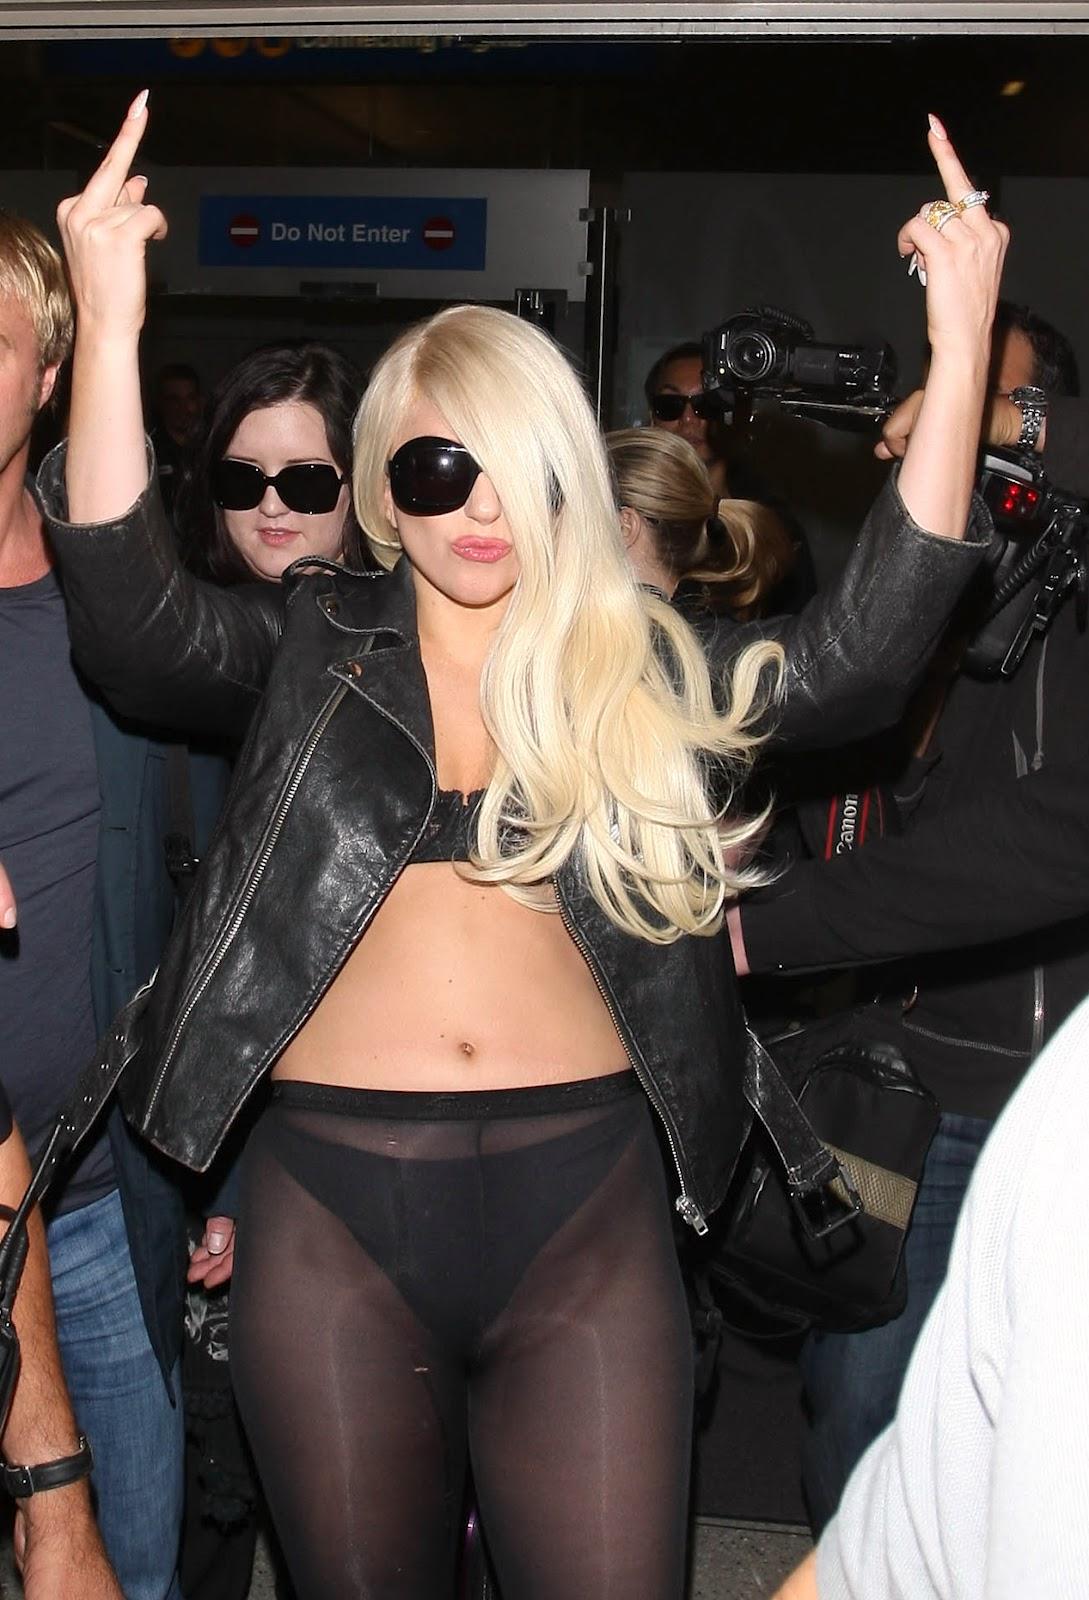 http://3.bp.blogspot.com/-BhARoxJoK4k/T_uBz1QIWzI/AAAAAAAAKVQ/8oh_BNBcXwQ/s1600/Lady+Gaga+puts+on+a+show+at+LAX+Airport+July+9th+2012.jpg